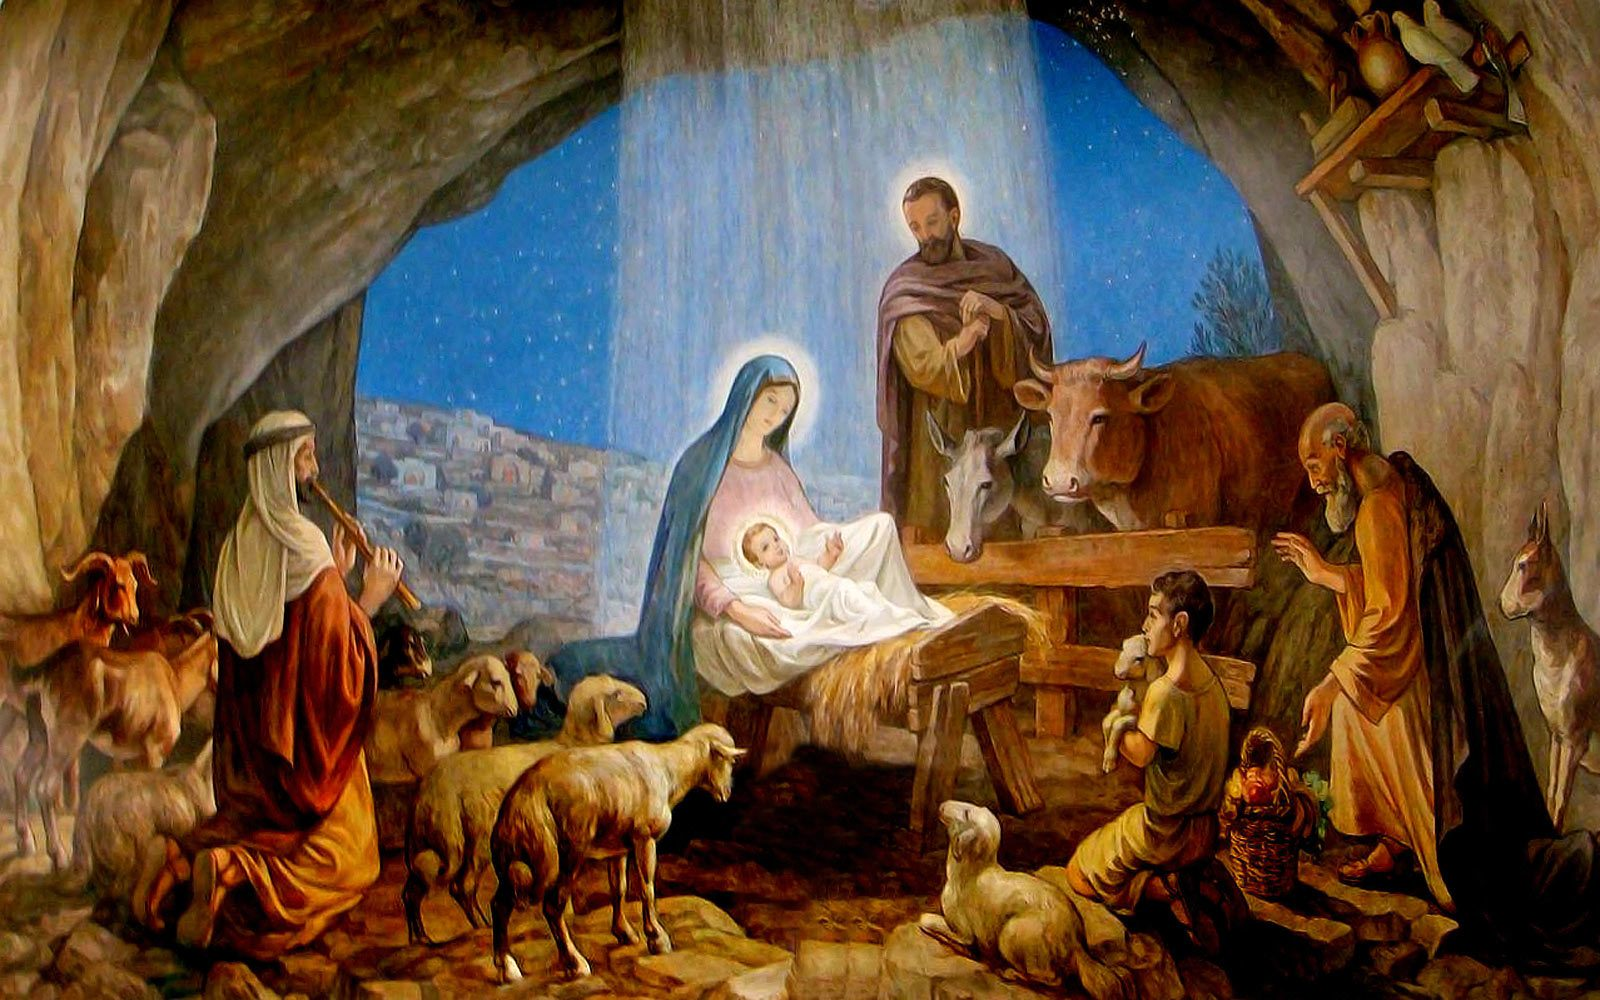 Christmas-Wallpaper-Baby-Jesus-3   Christmas   Holidays ...